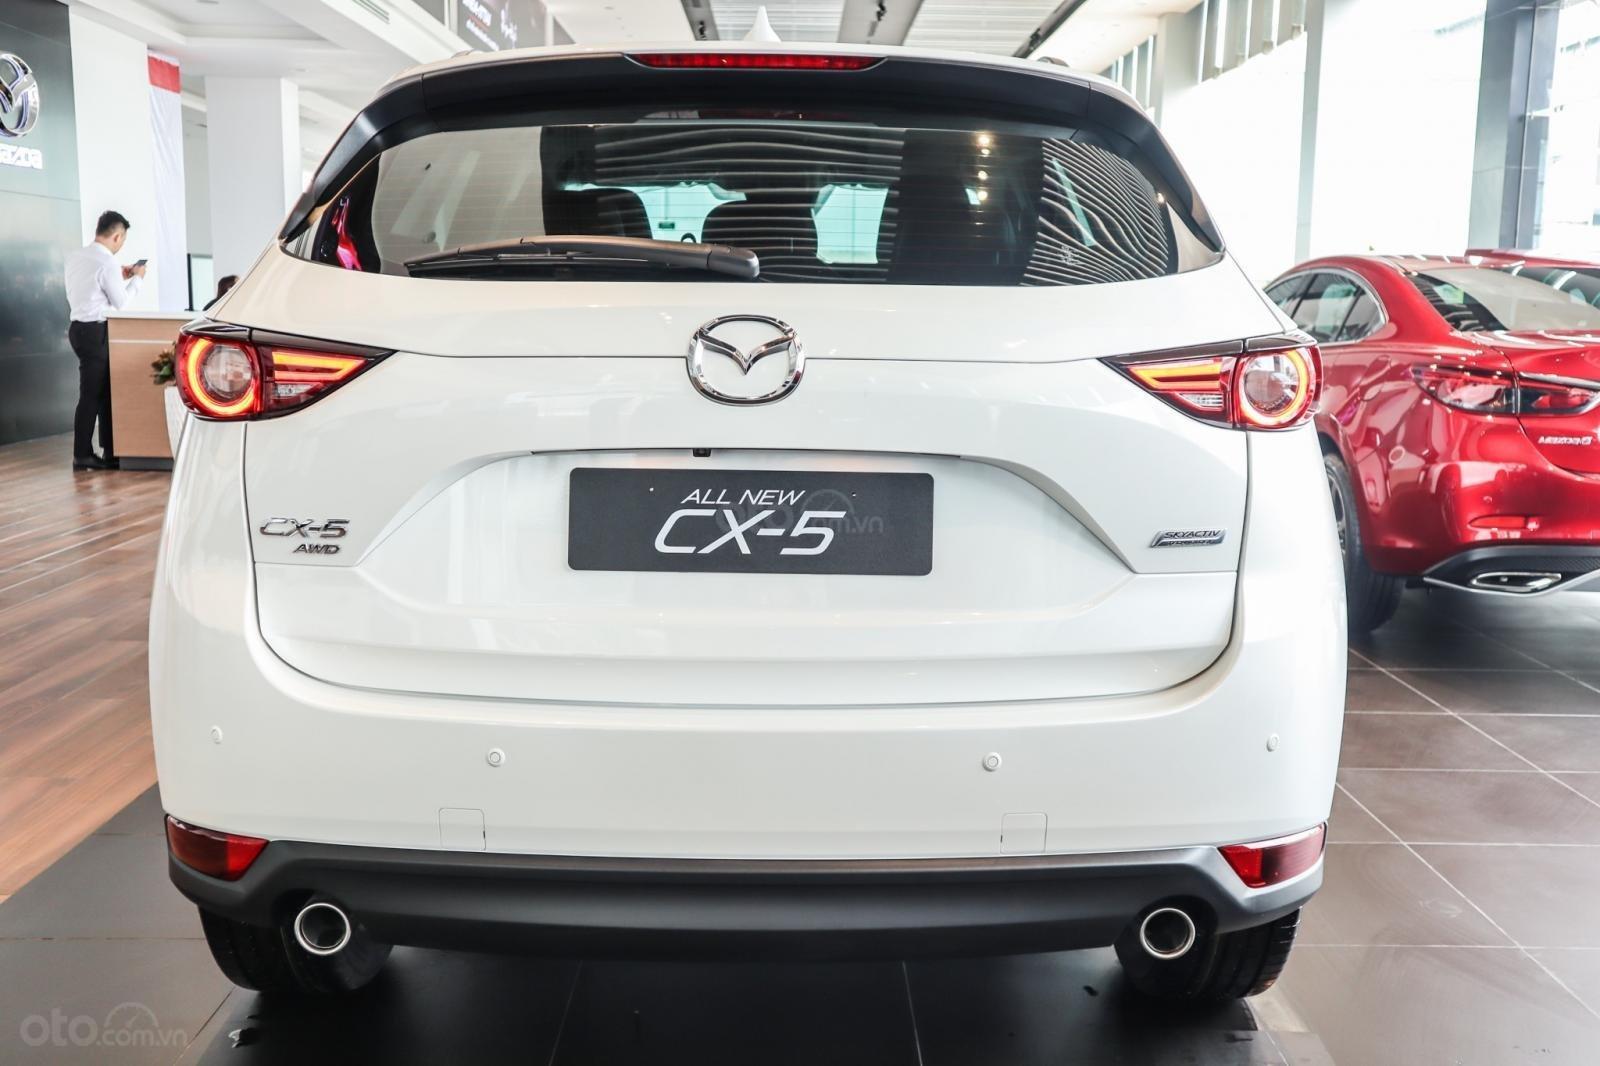 Bán Mazda CX5 giá từ 864tr, đủ màu, đủ phiên bản có xe giao ngay, liên hệ ngay với chúng tôi để được ưu đãi tốt nhất-2